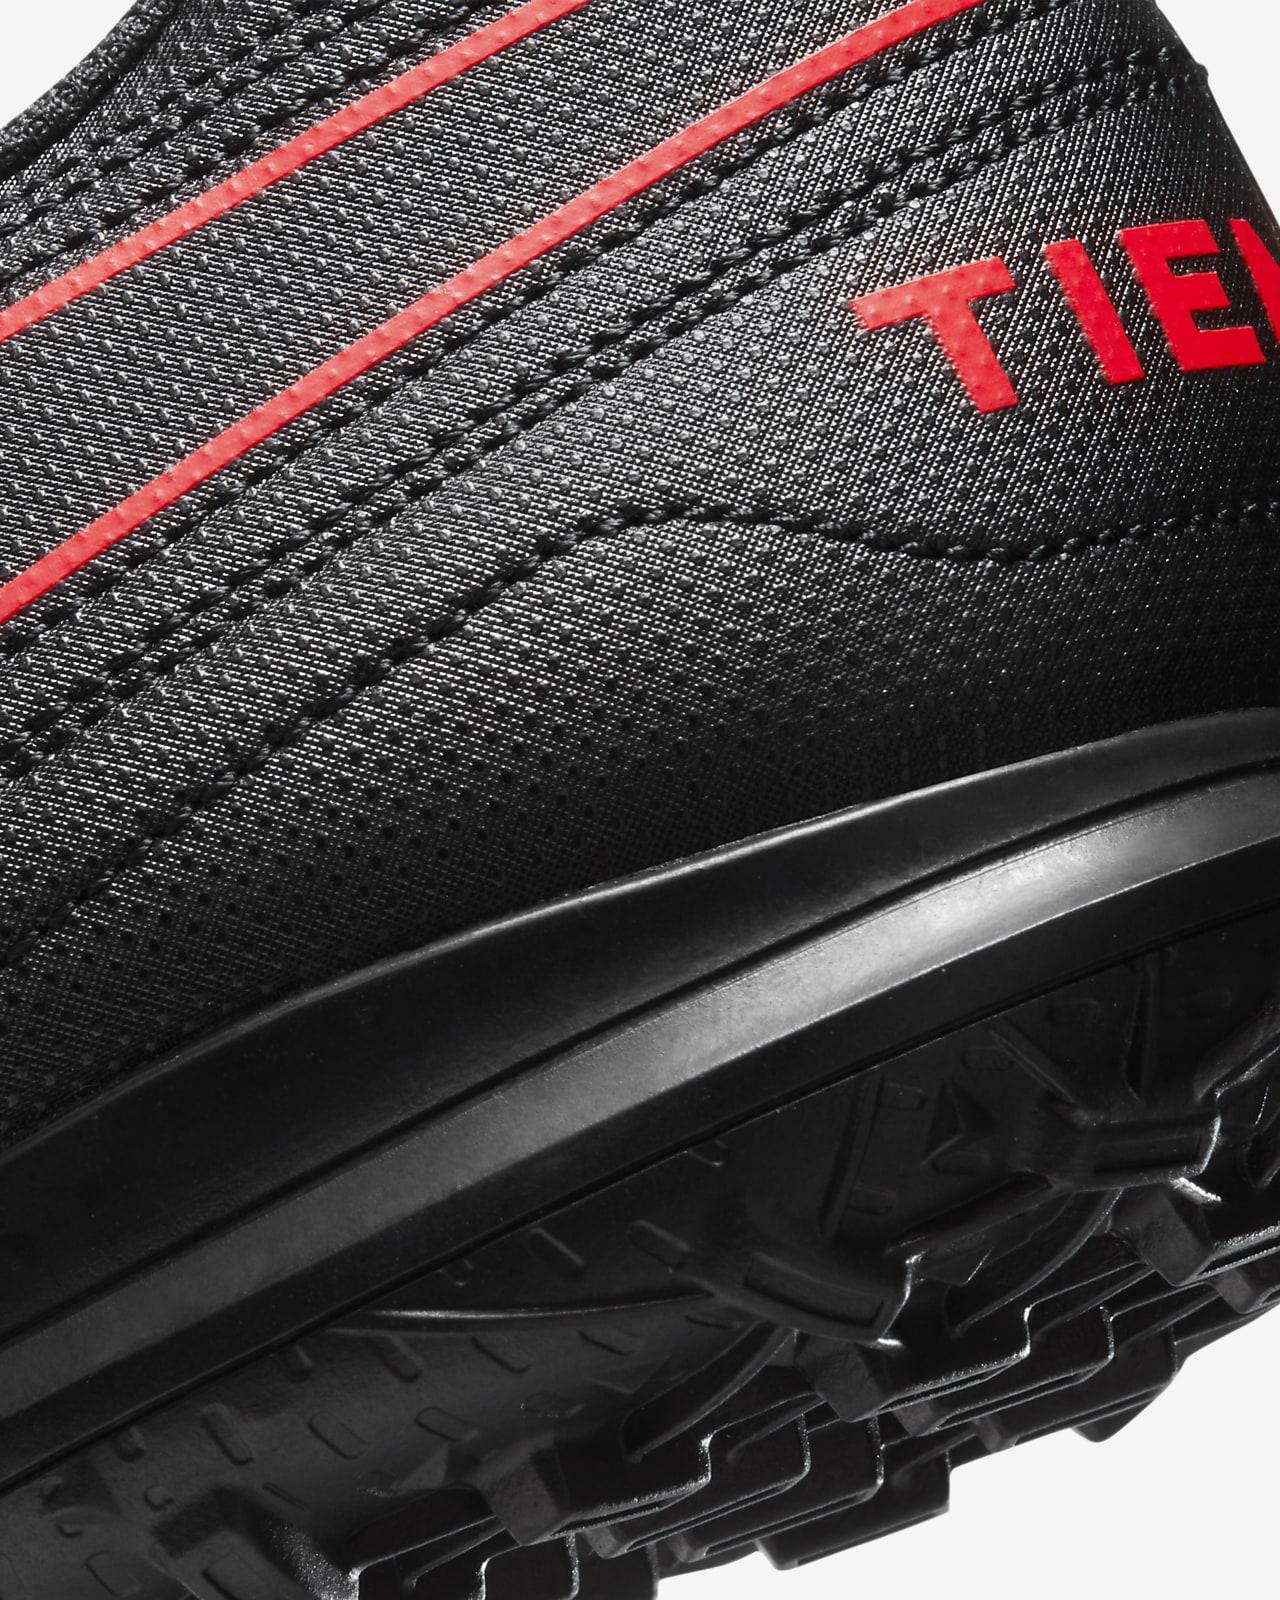 Hombre rico después de esto Albany  Nike Tiempo Legend 8 Club TF Artificial-Turf Football Shoe. Nike LU